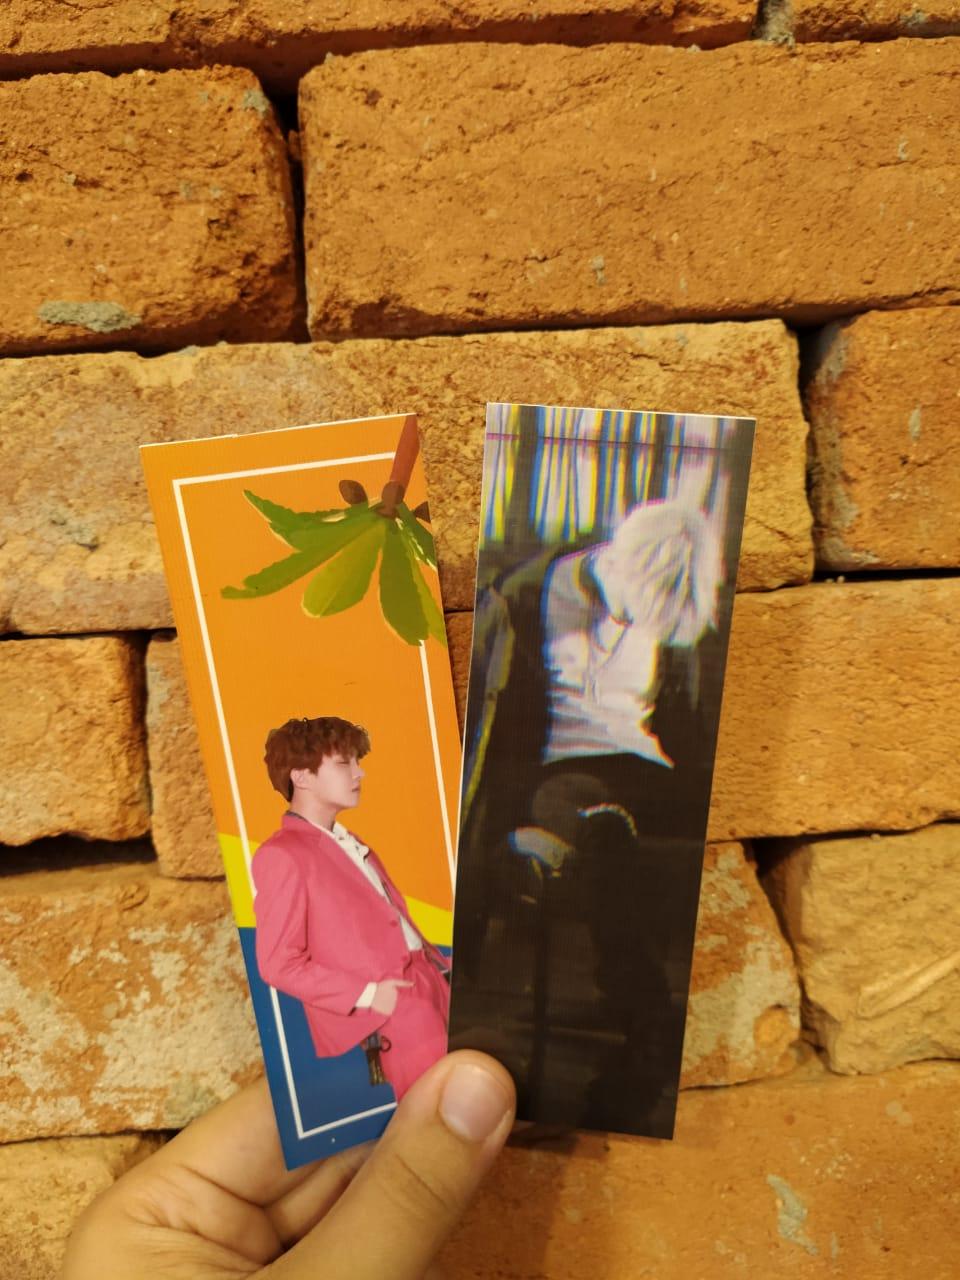 SódaBox - 1º Edição: BTS - Young Forever  - Lojinha Só Dasoh